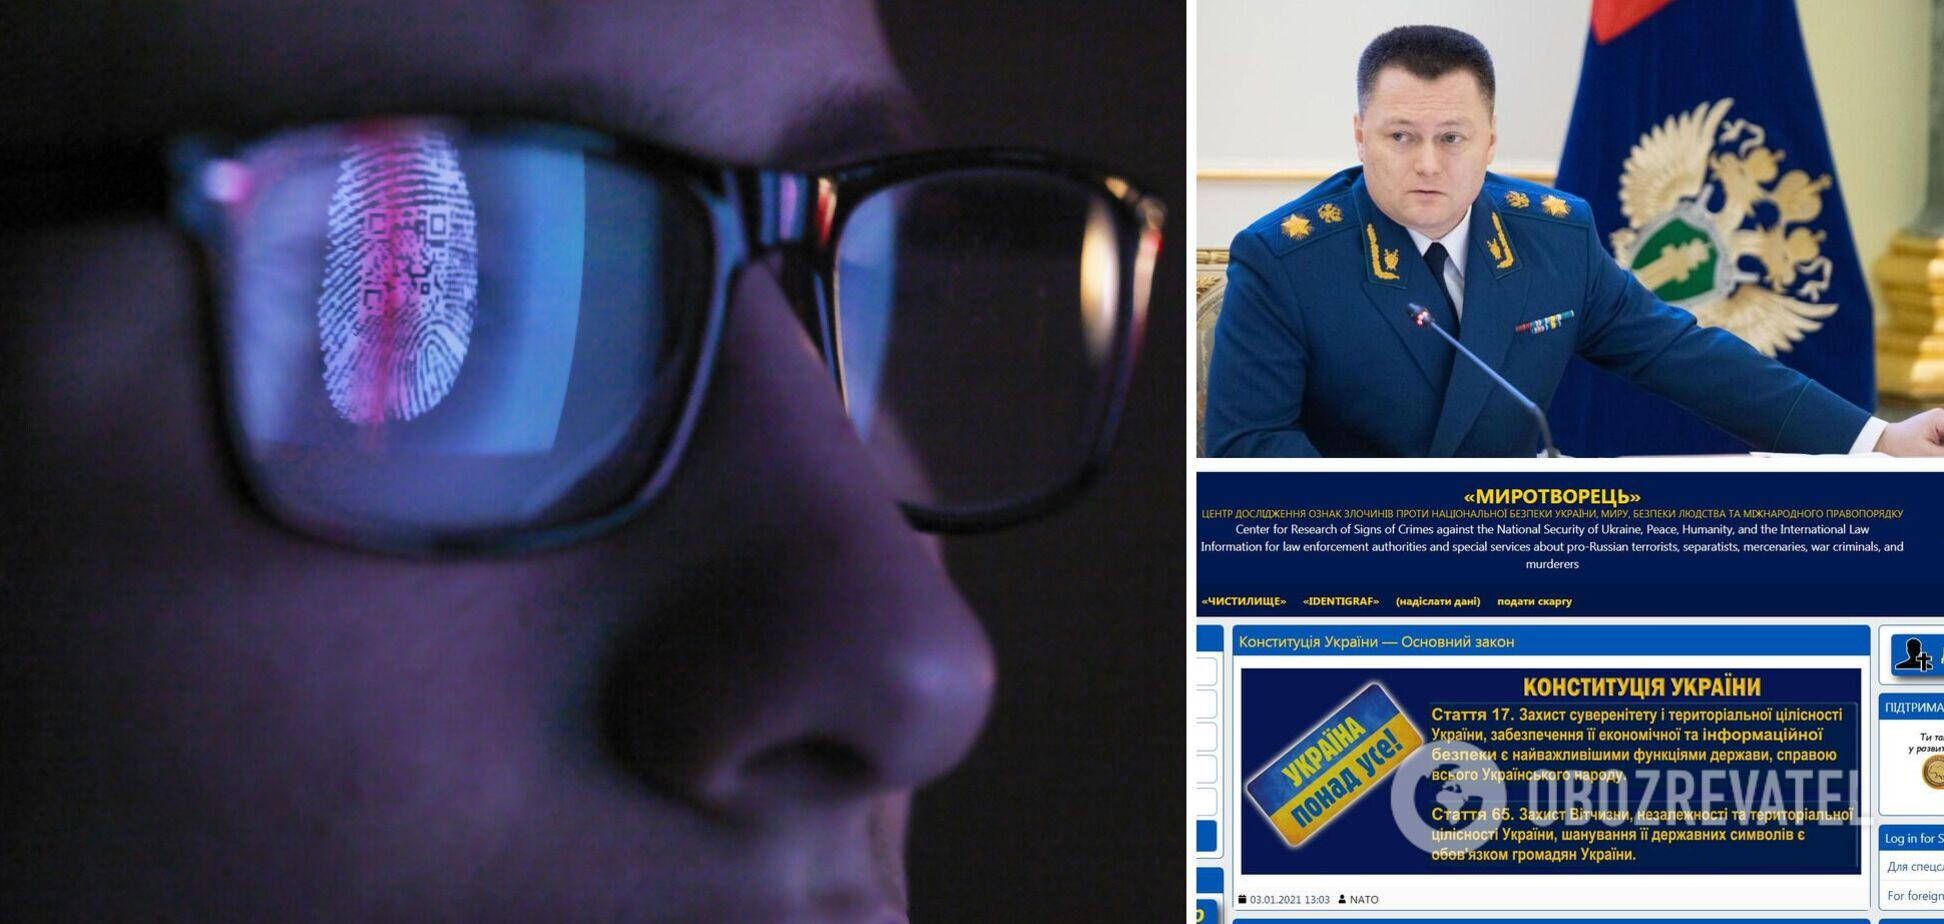 сайт Миротворец Россия ЕСПЧ